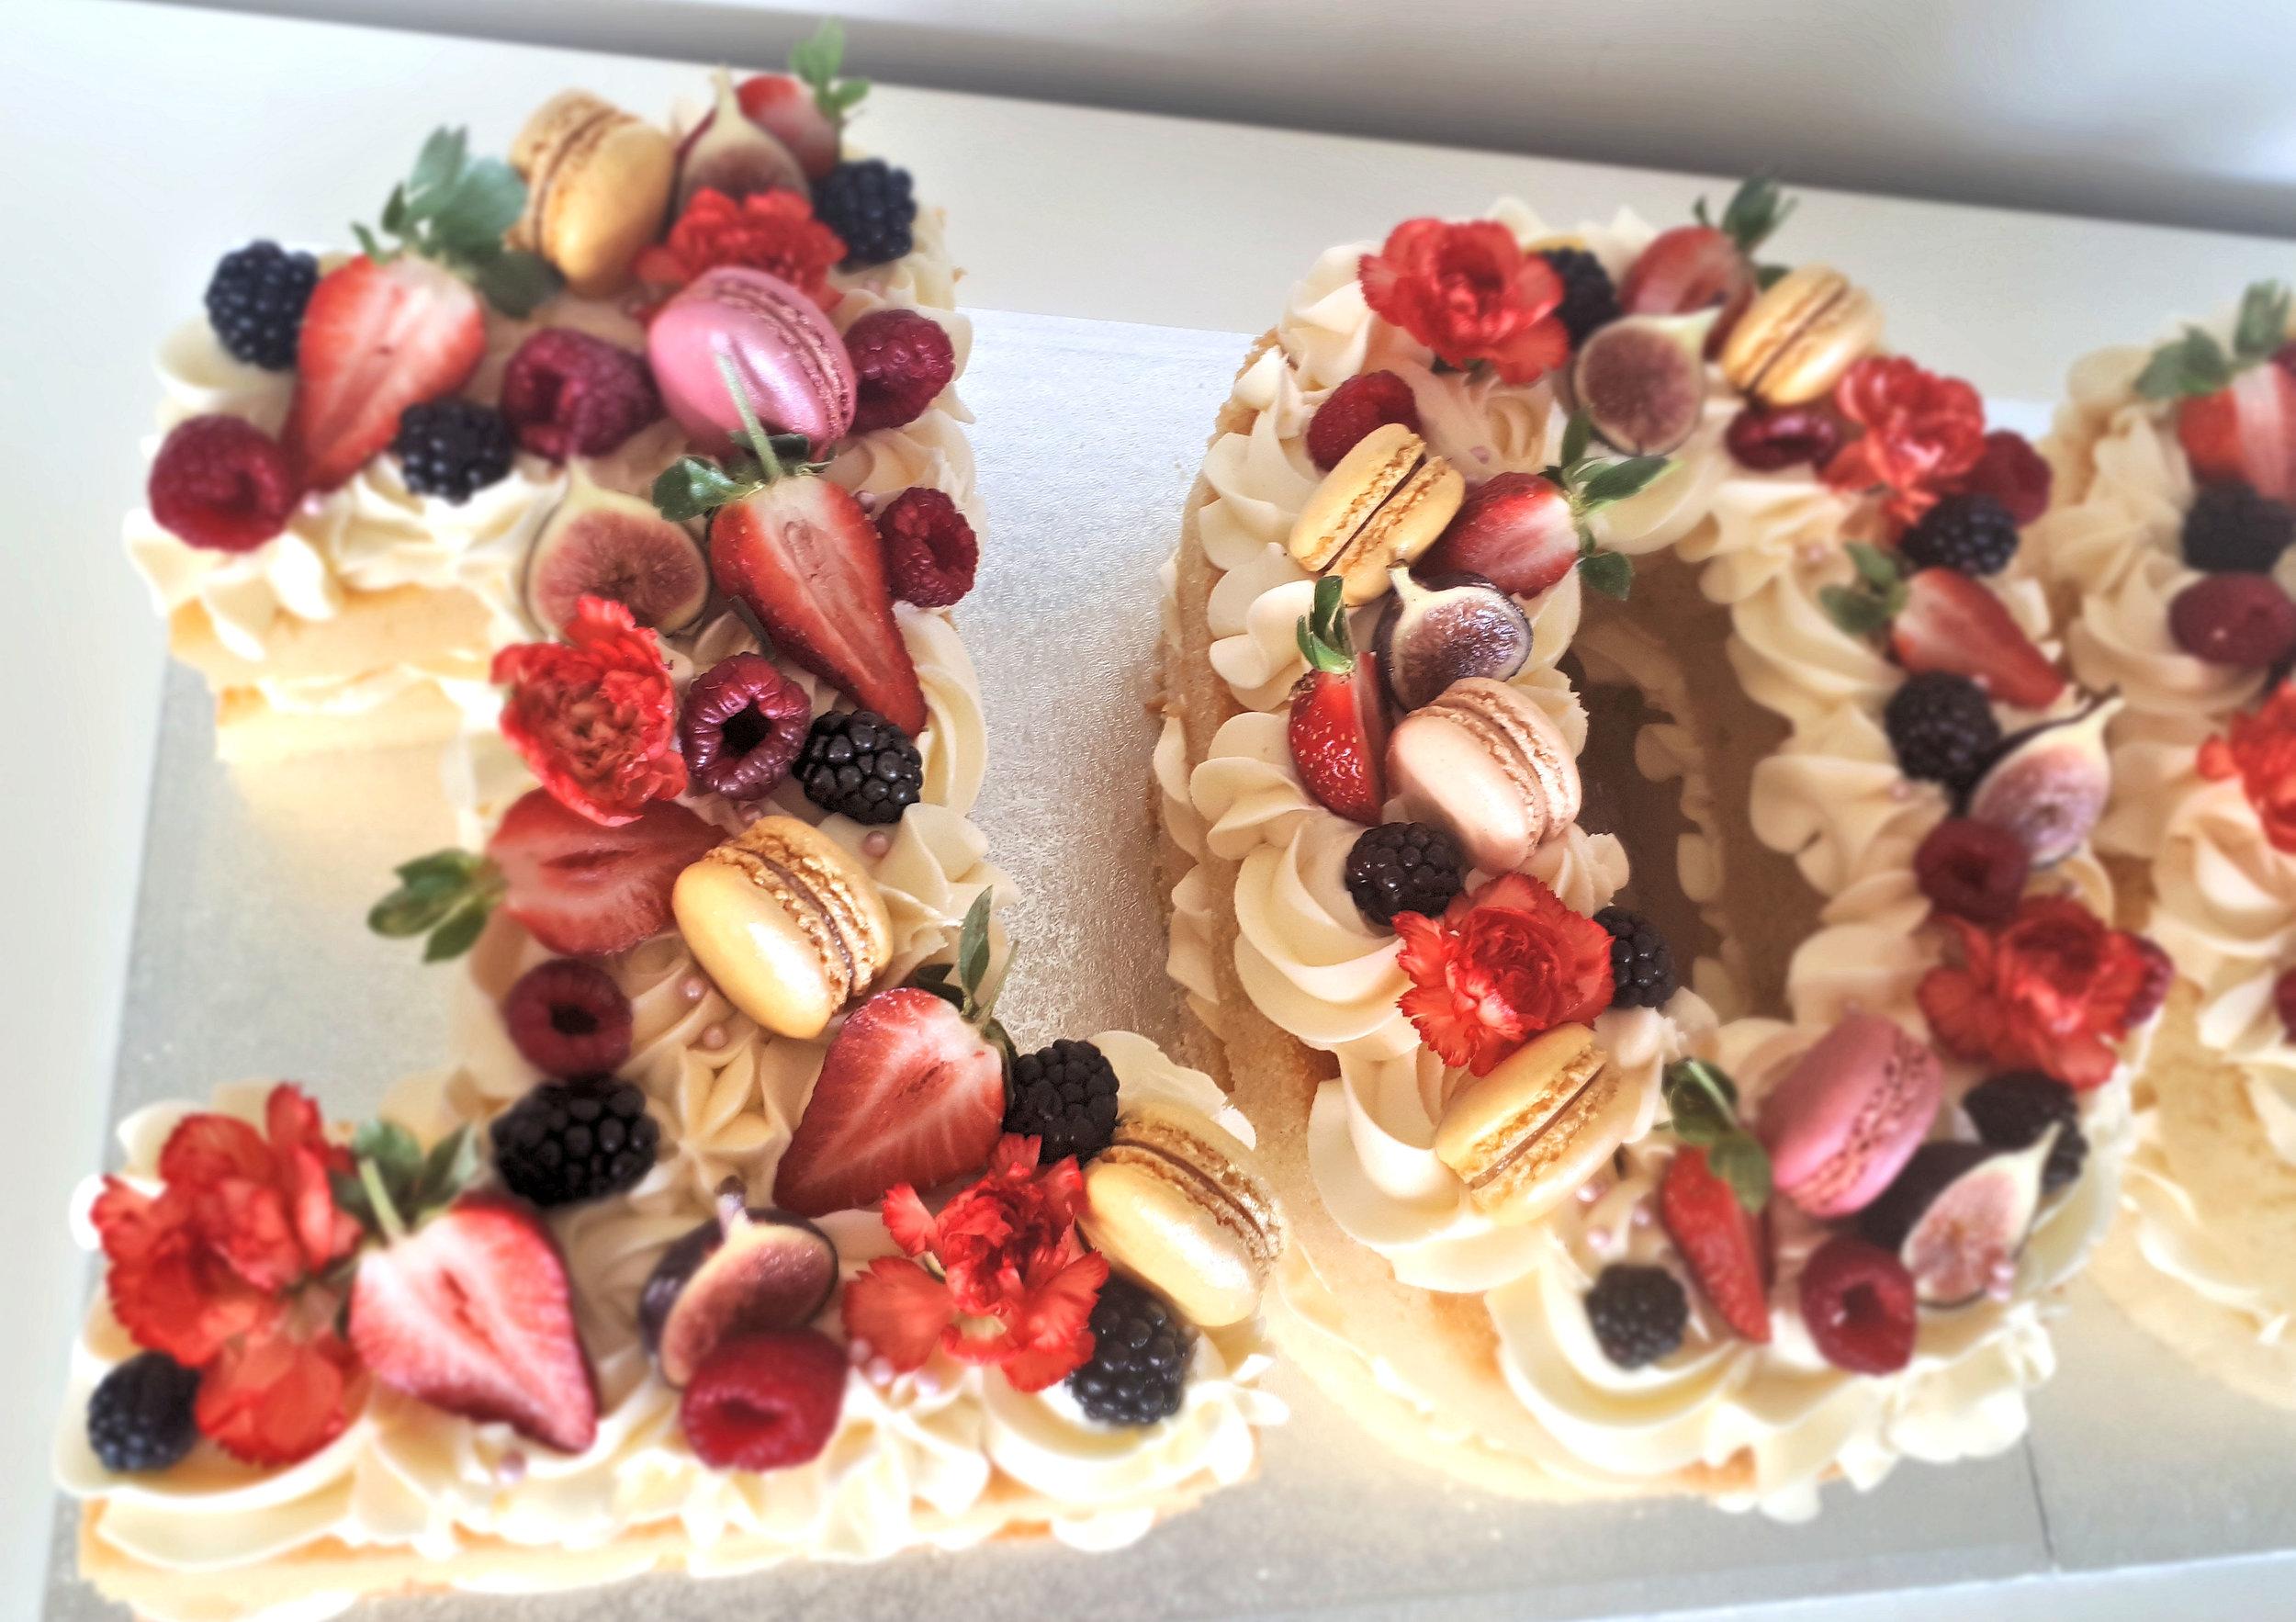 100th birthday naked number cake2.jpg